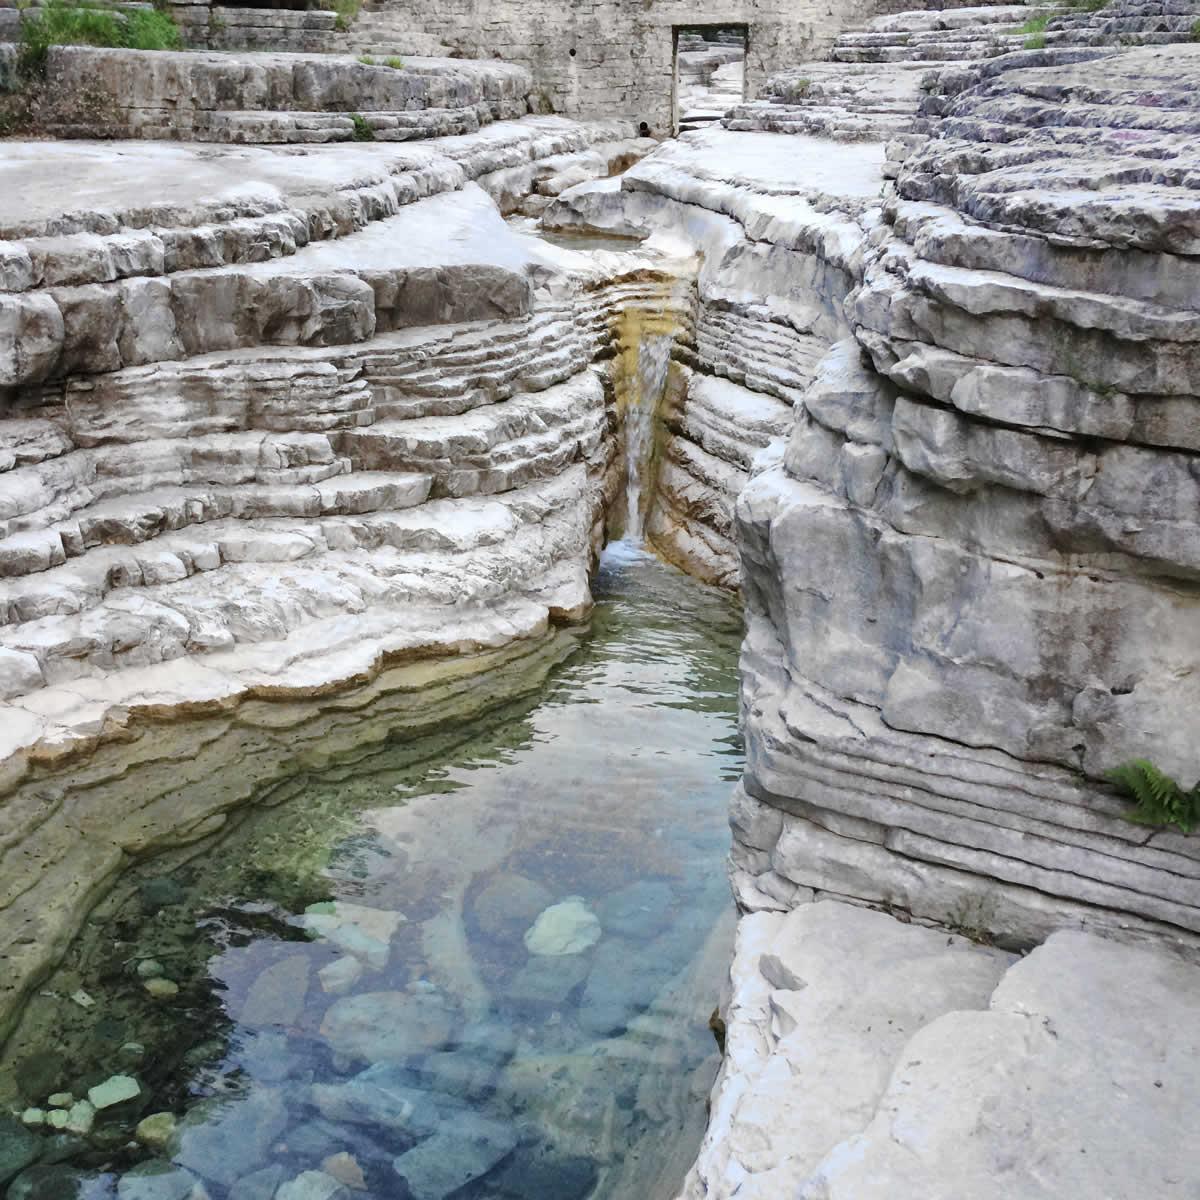 Οι «Οβίρες» ή «Κολυμπήθρες» είναι οι μικρές βάθρες - κοιλώματα μεταξύ μεγάλου και μικρού Πάπιγκου οι οποίες σχηματίστηκαν από τη φυσική ροή τού νερού τού ρέματος Ρογκοβού